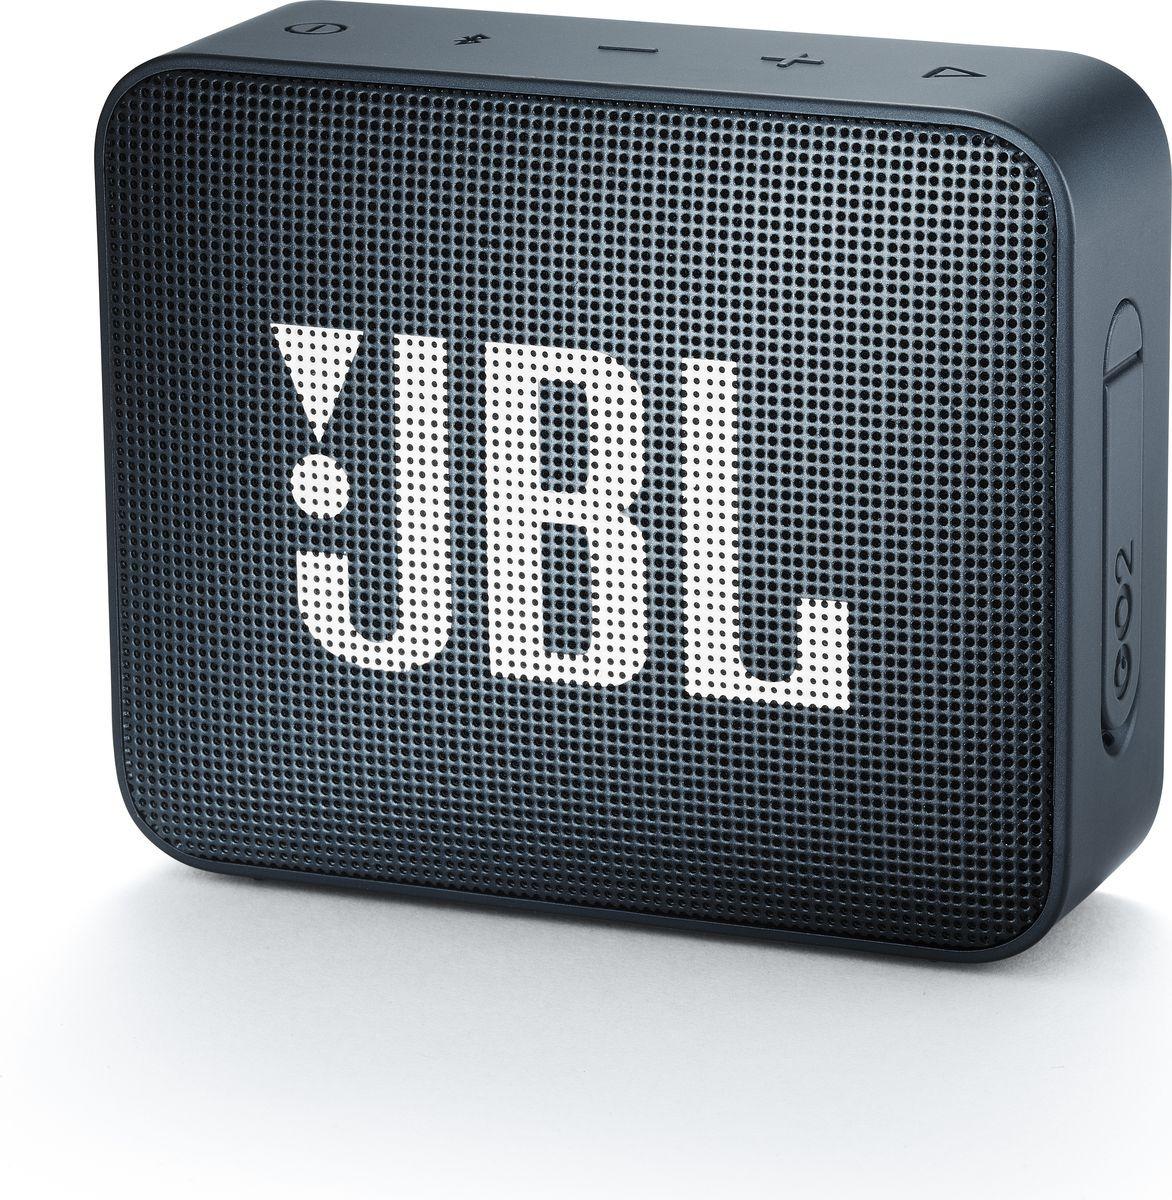 Беспроводная колонка JBL Go 2, Black Metallic